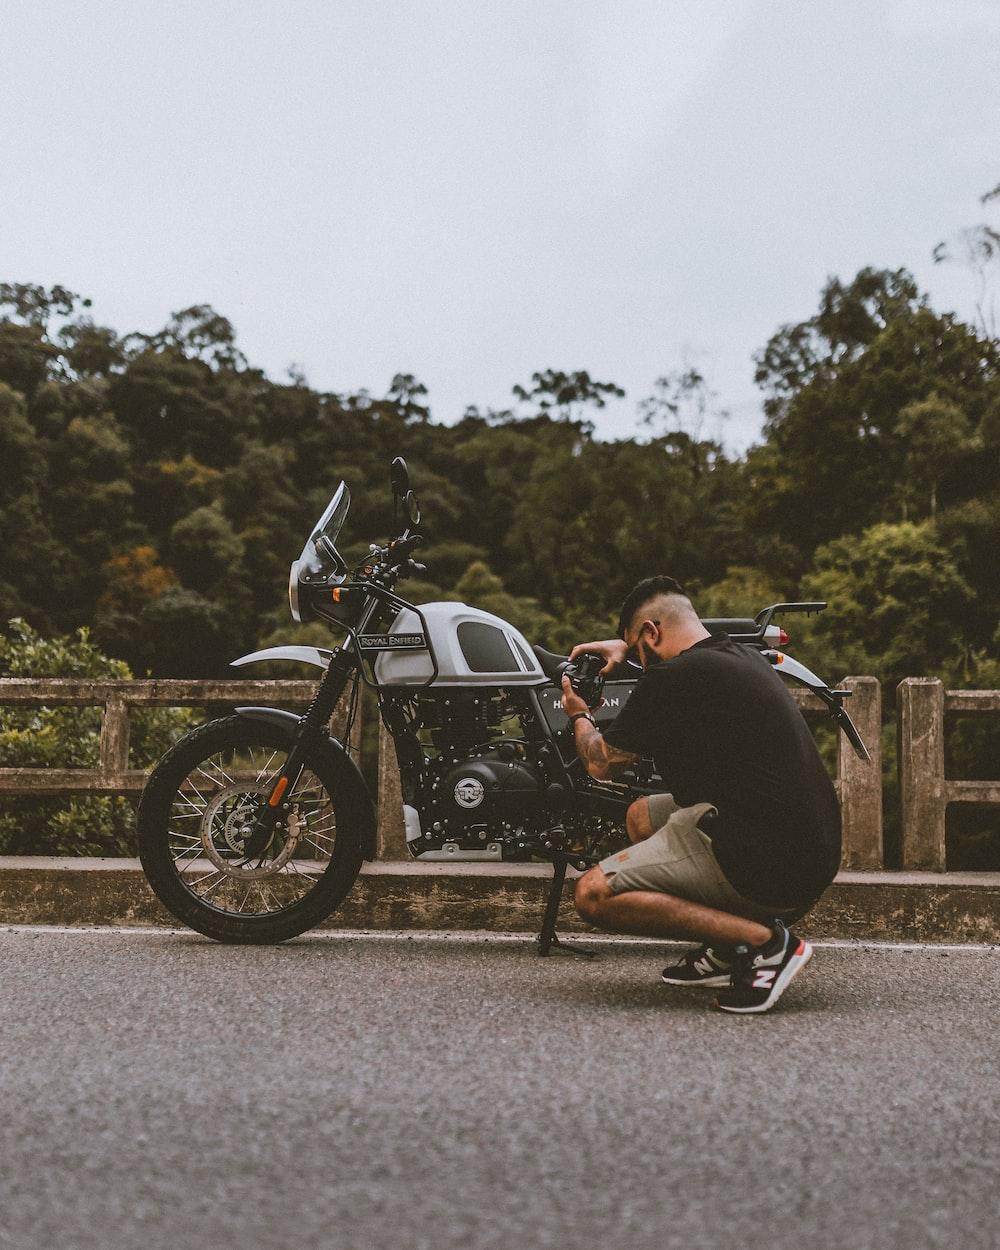 man in black jacket riding black cruiser motorcycle